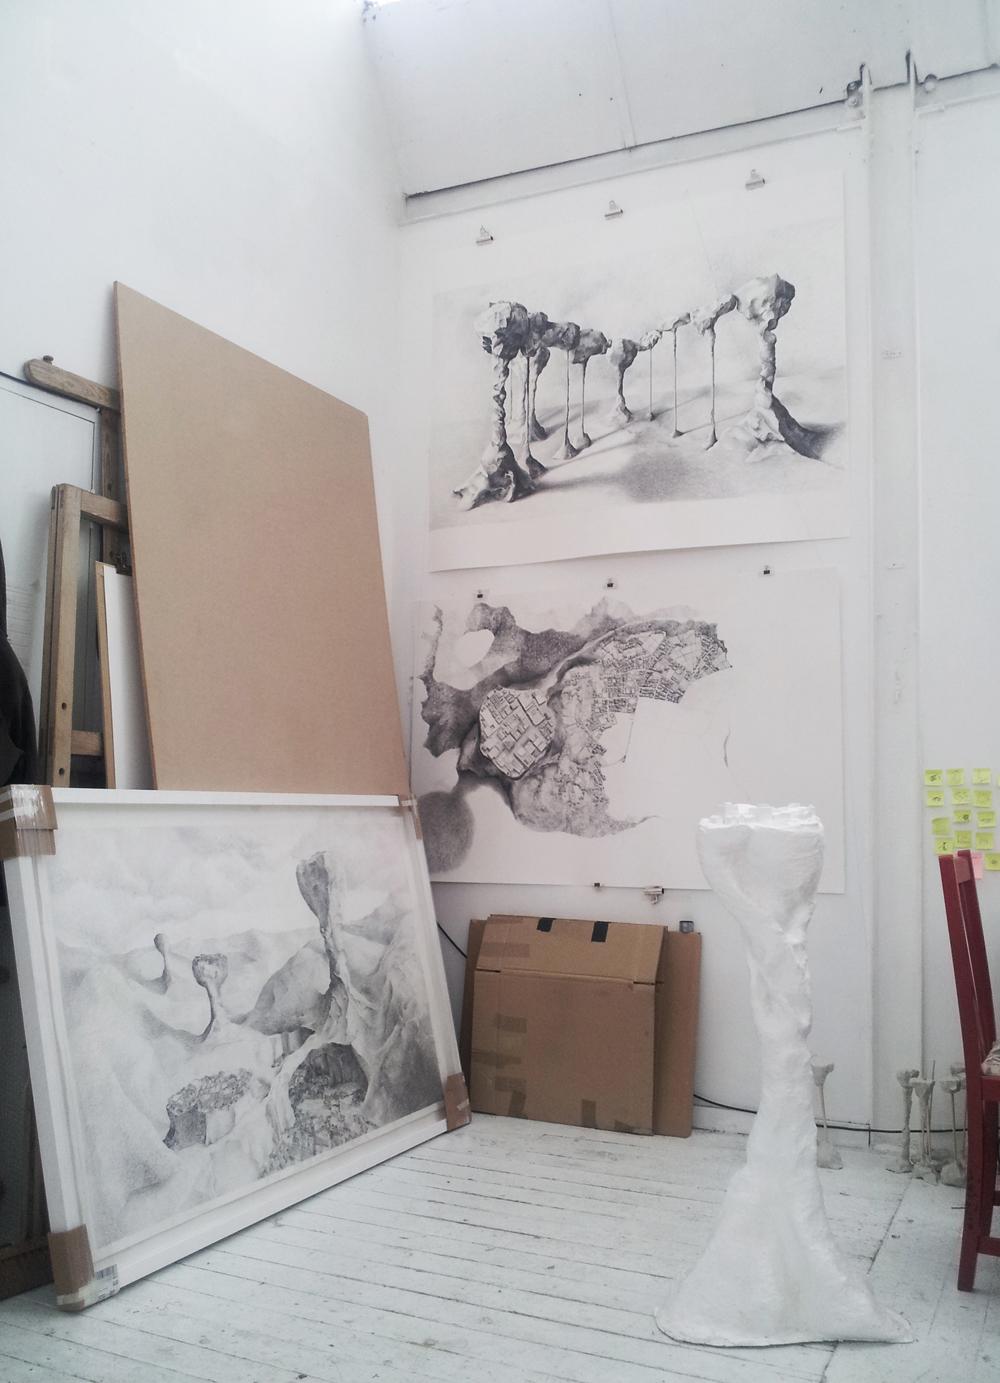 Norlington Road Studios Eleanor Bedlow